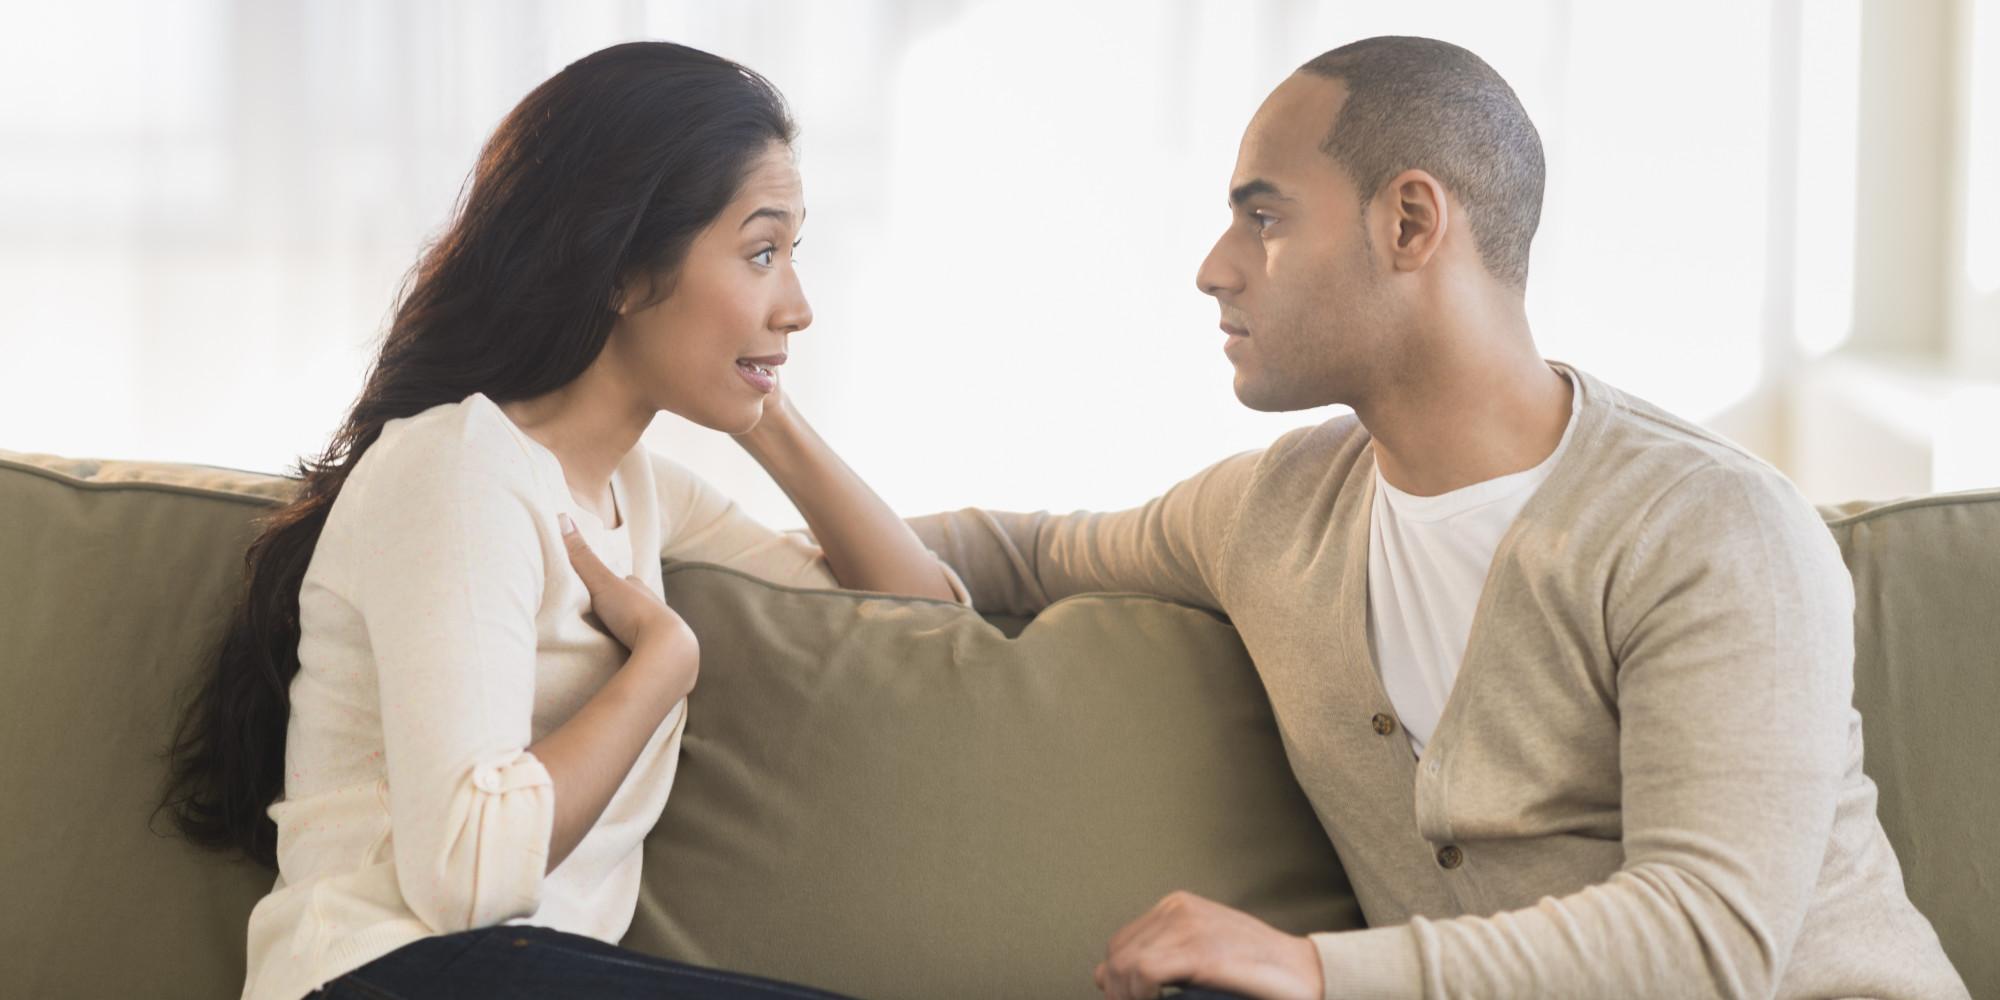 مسائل کم اهمیتی که رابطه تان را نابود میکند